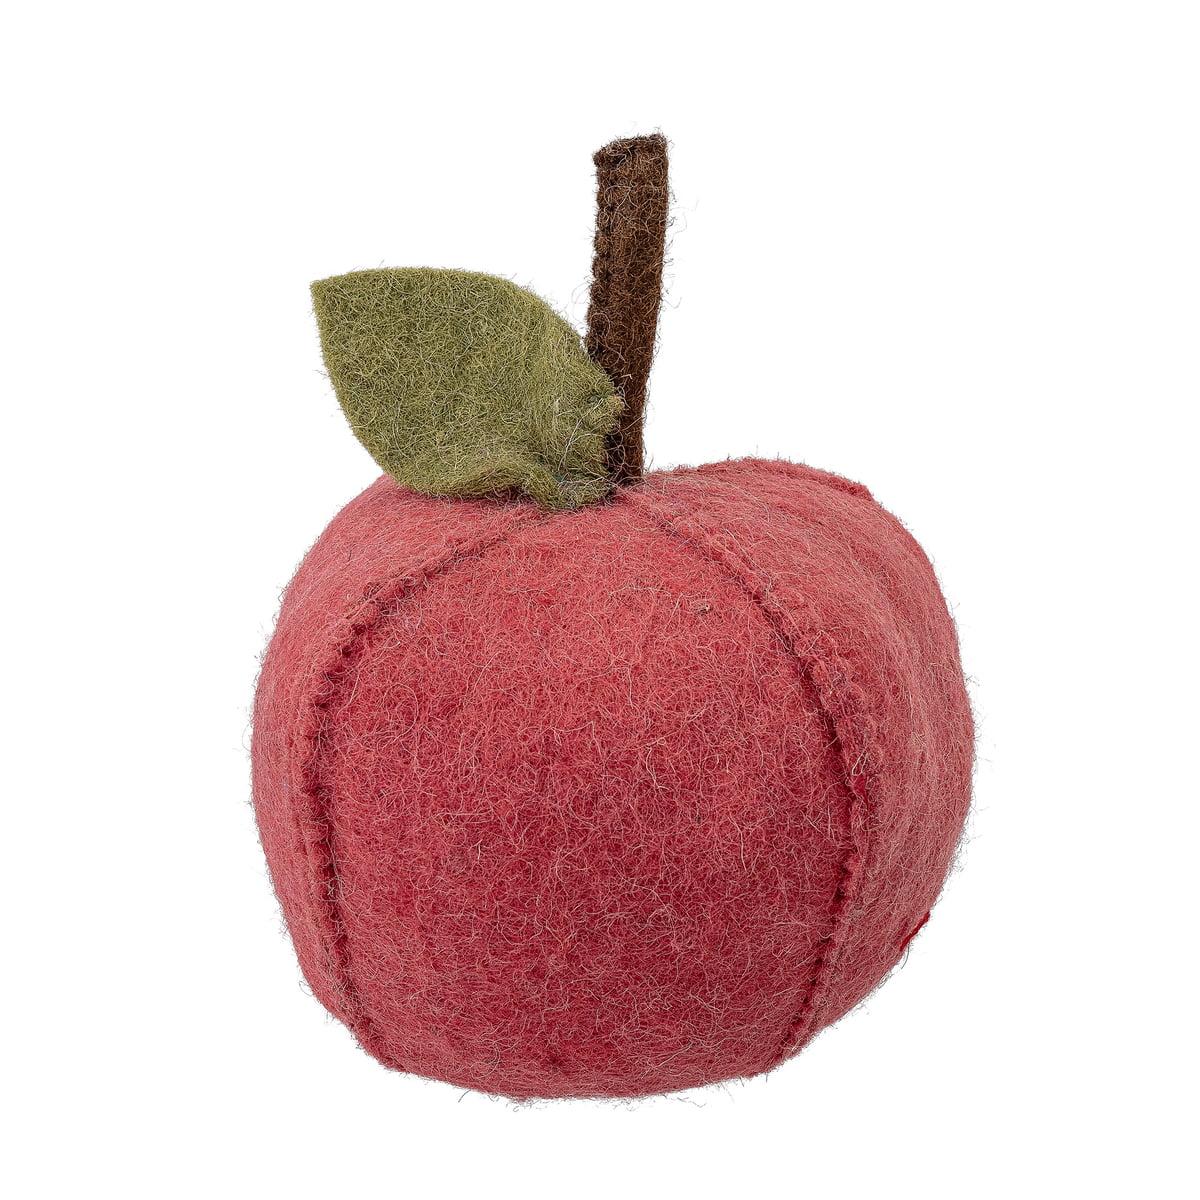 Spielzeug Obst von Bloomingville   connox.at